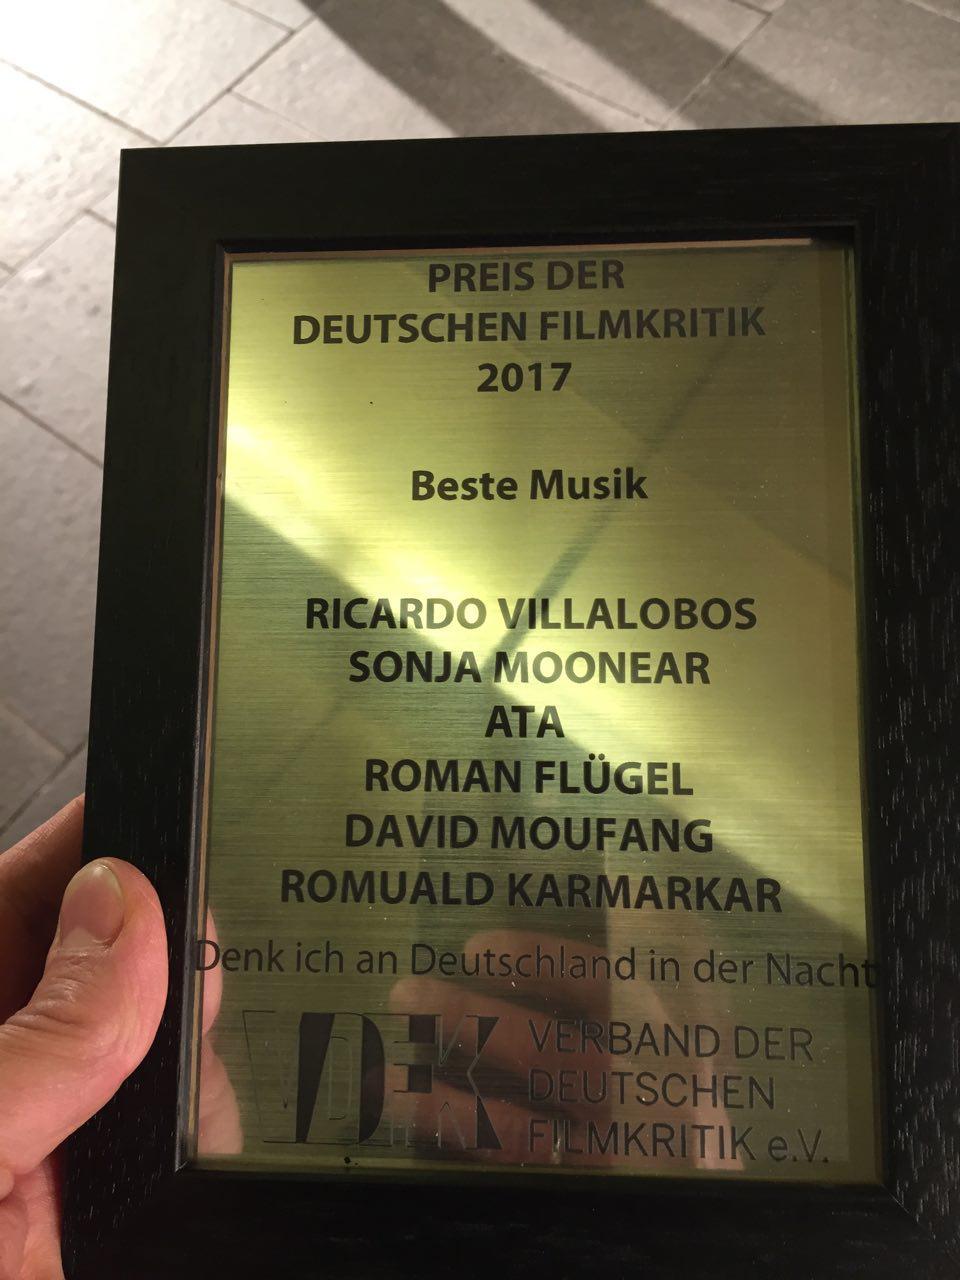 DENK ICH AN DEUTSCHLAND IN DER NACHT / Preis der deutschen Filmkritik